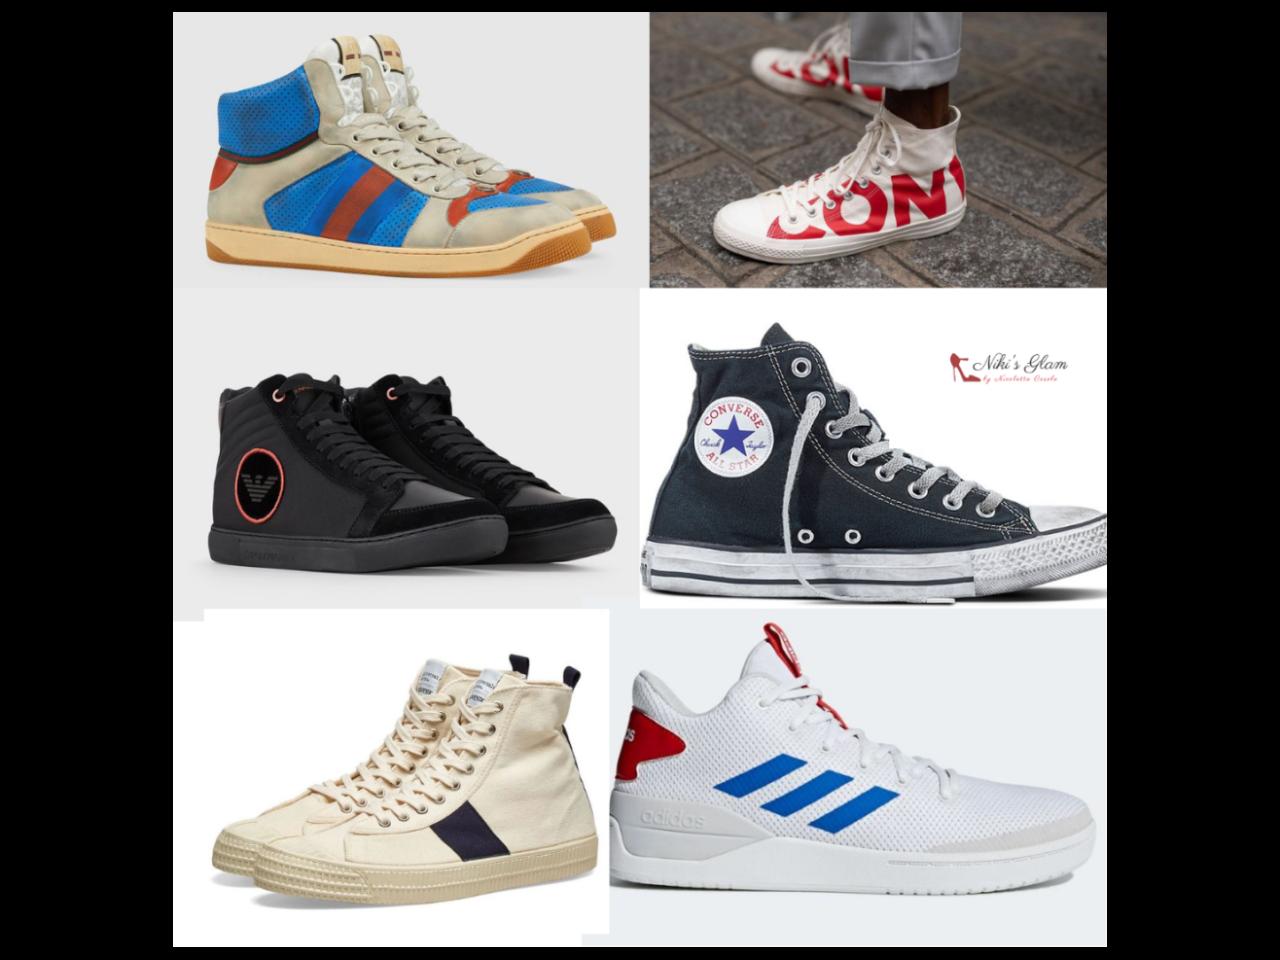 Le sneakers alte da uomo - Niki's Glam Blog